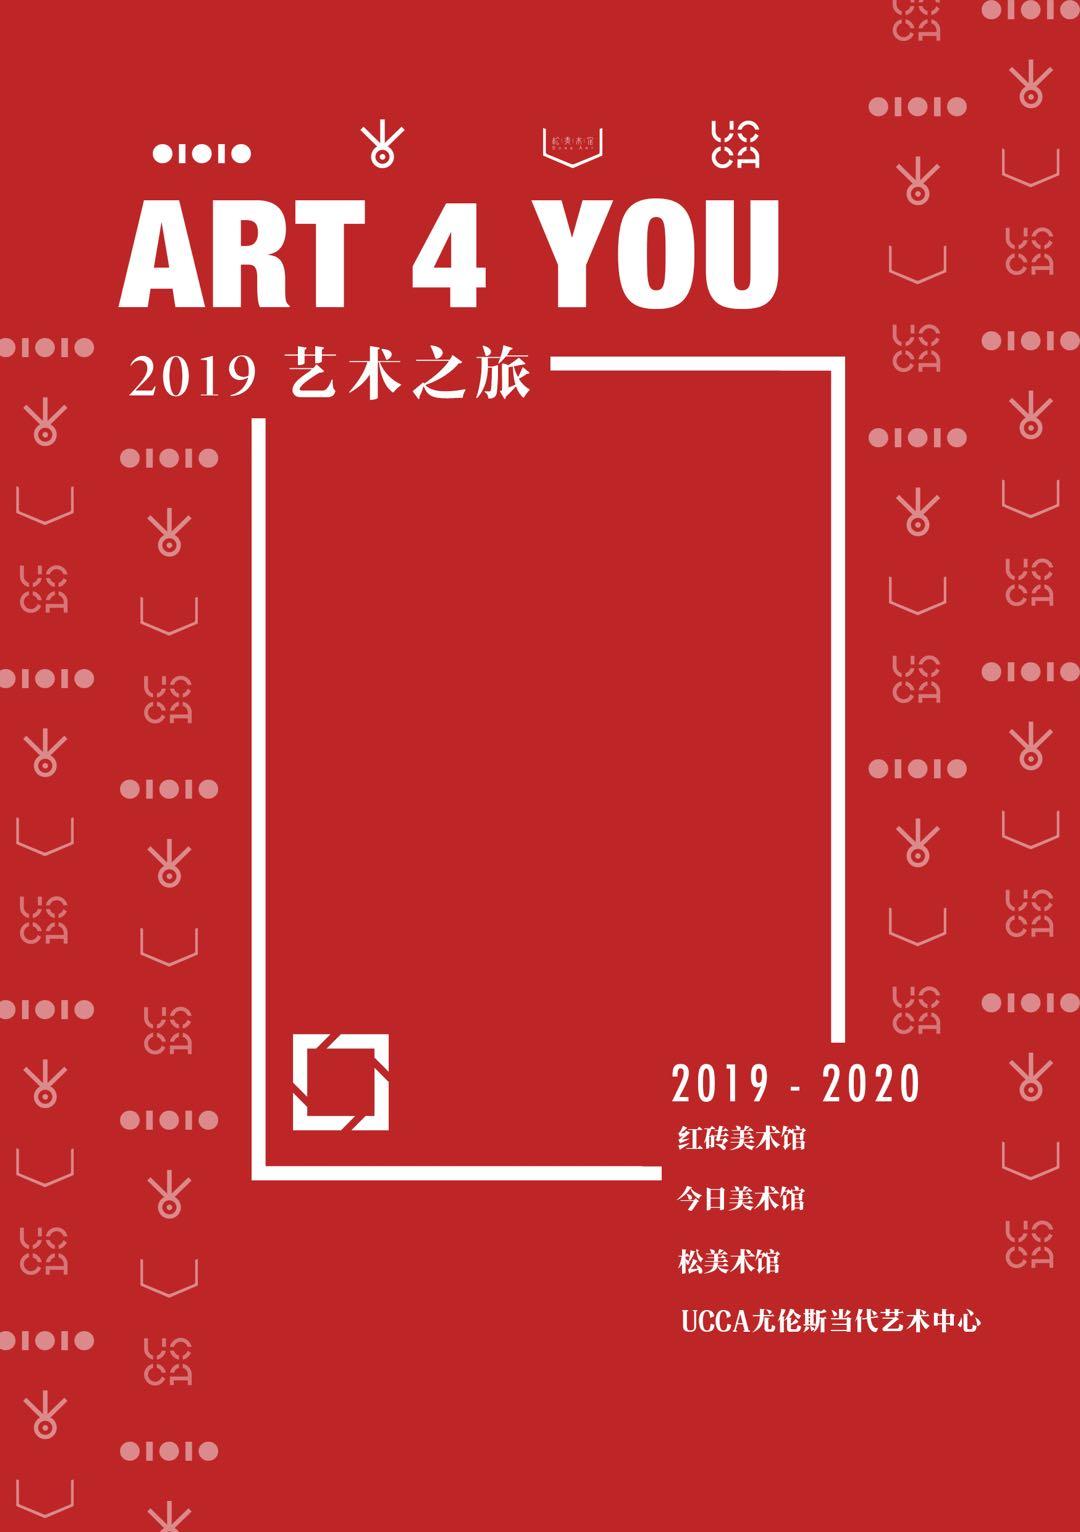 ART 4 YOU——2019北京四家美术馆推出艺术联票